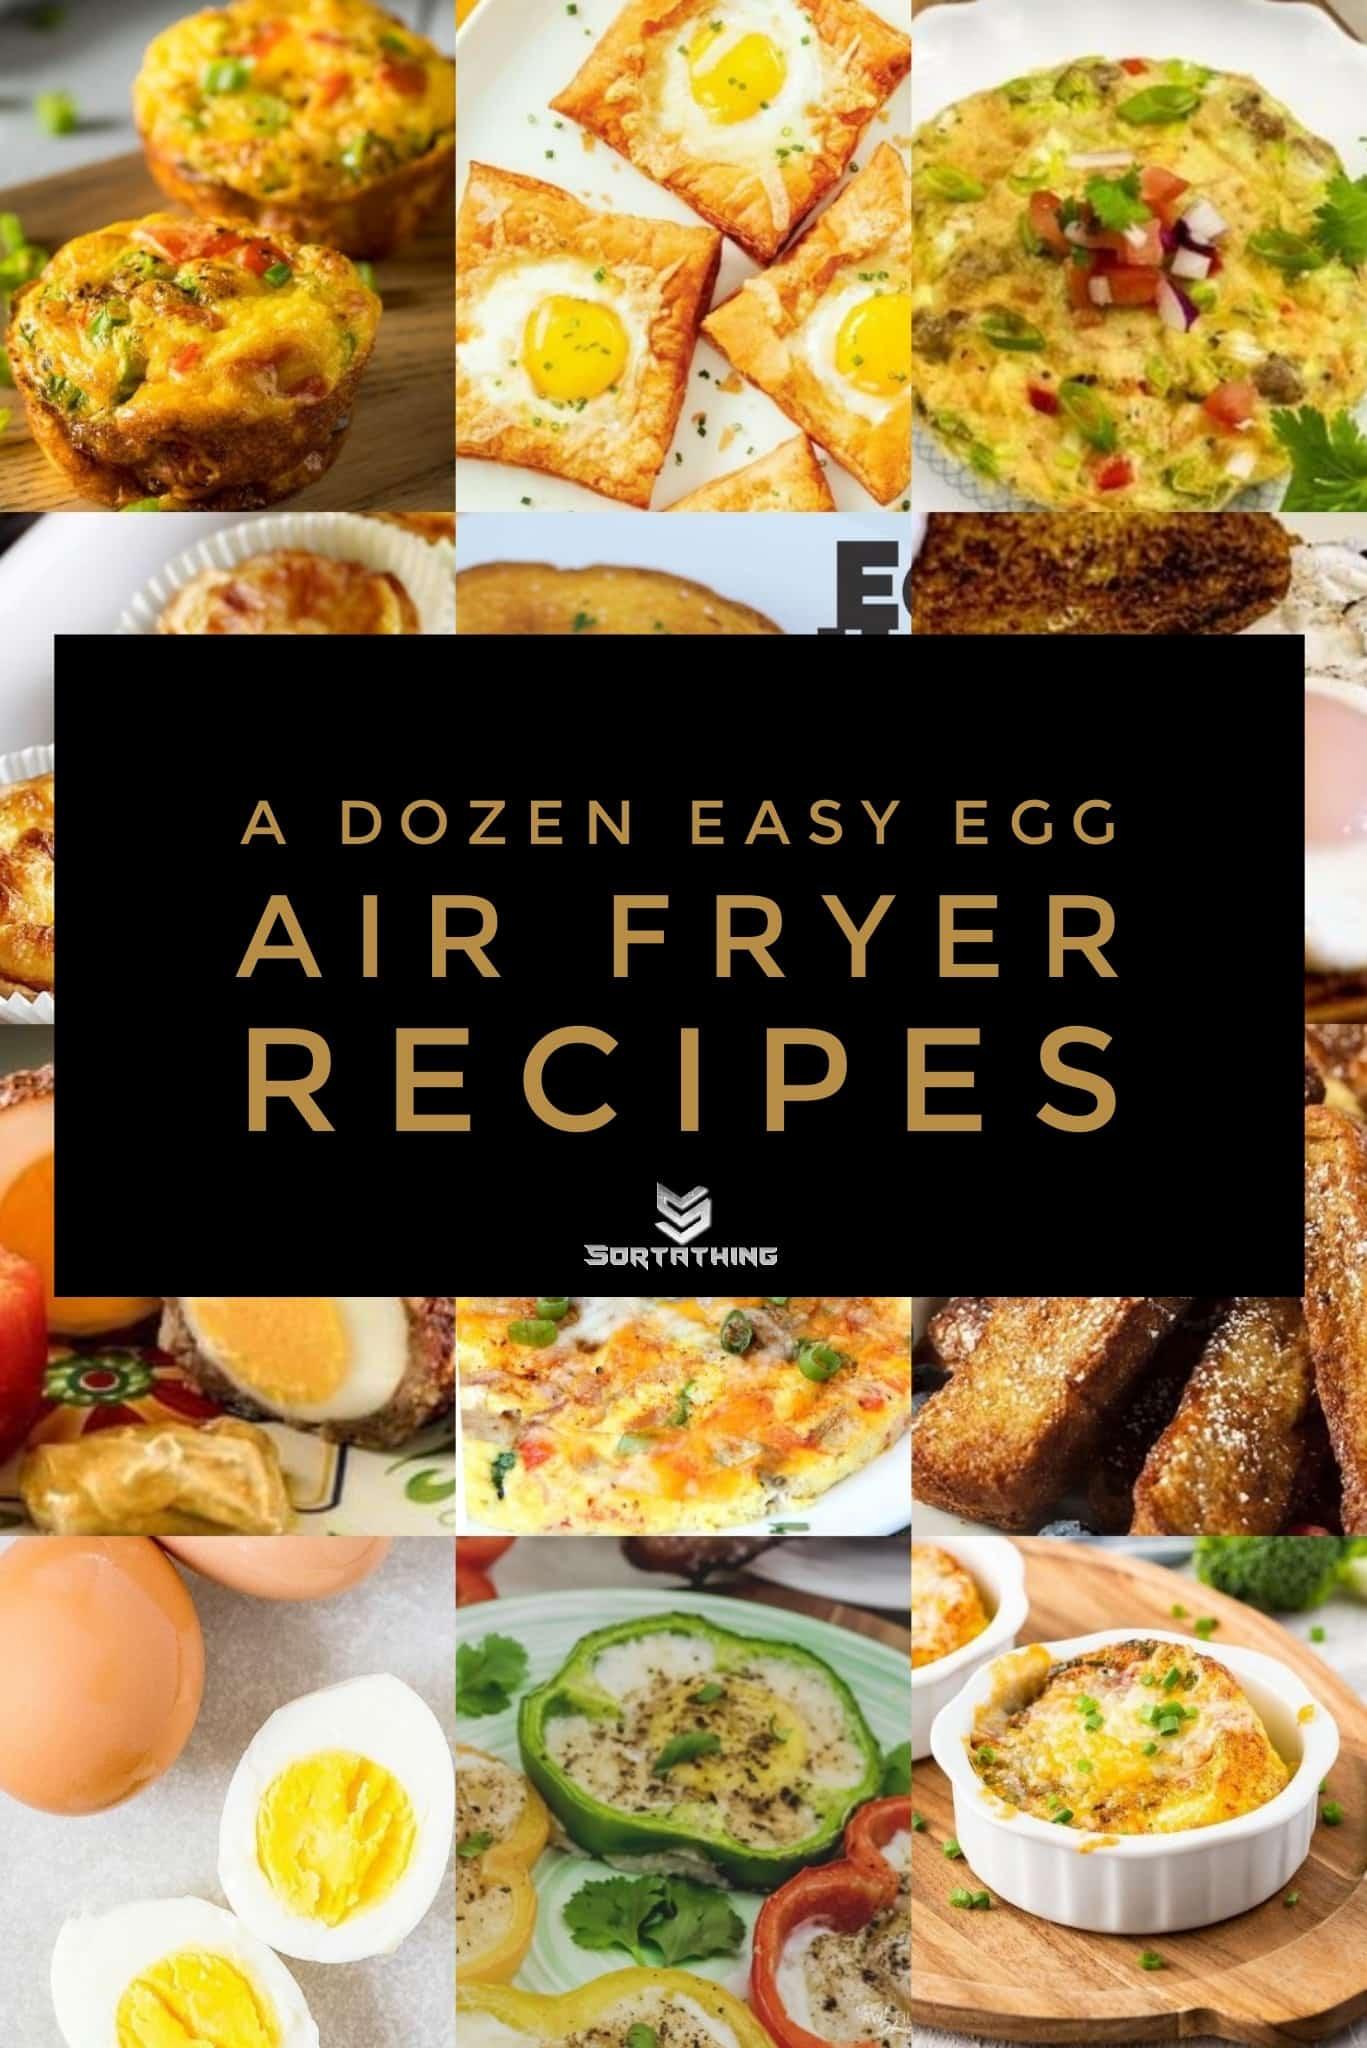 A Dozen Easy Egg Air Fryer Recipes